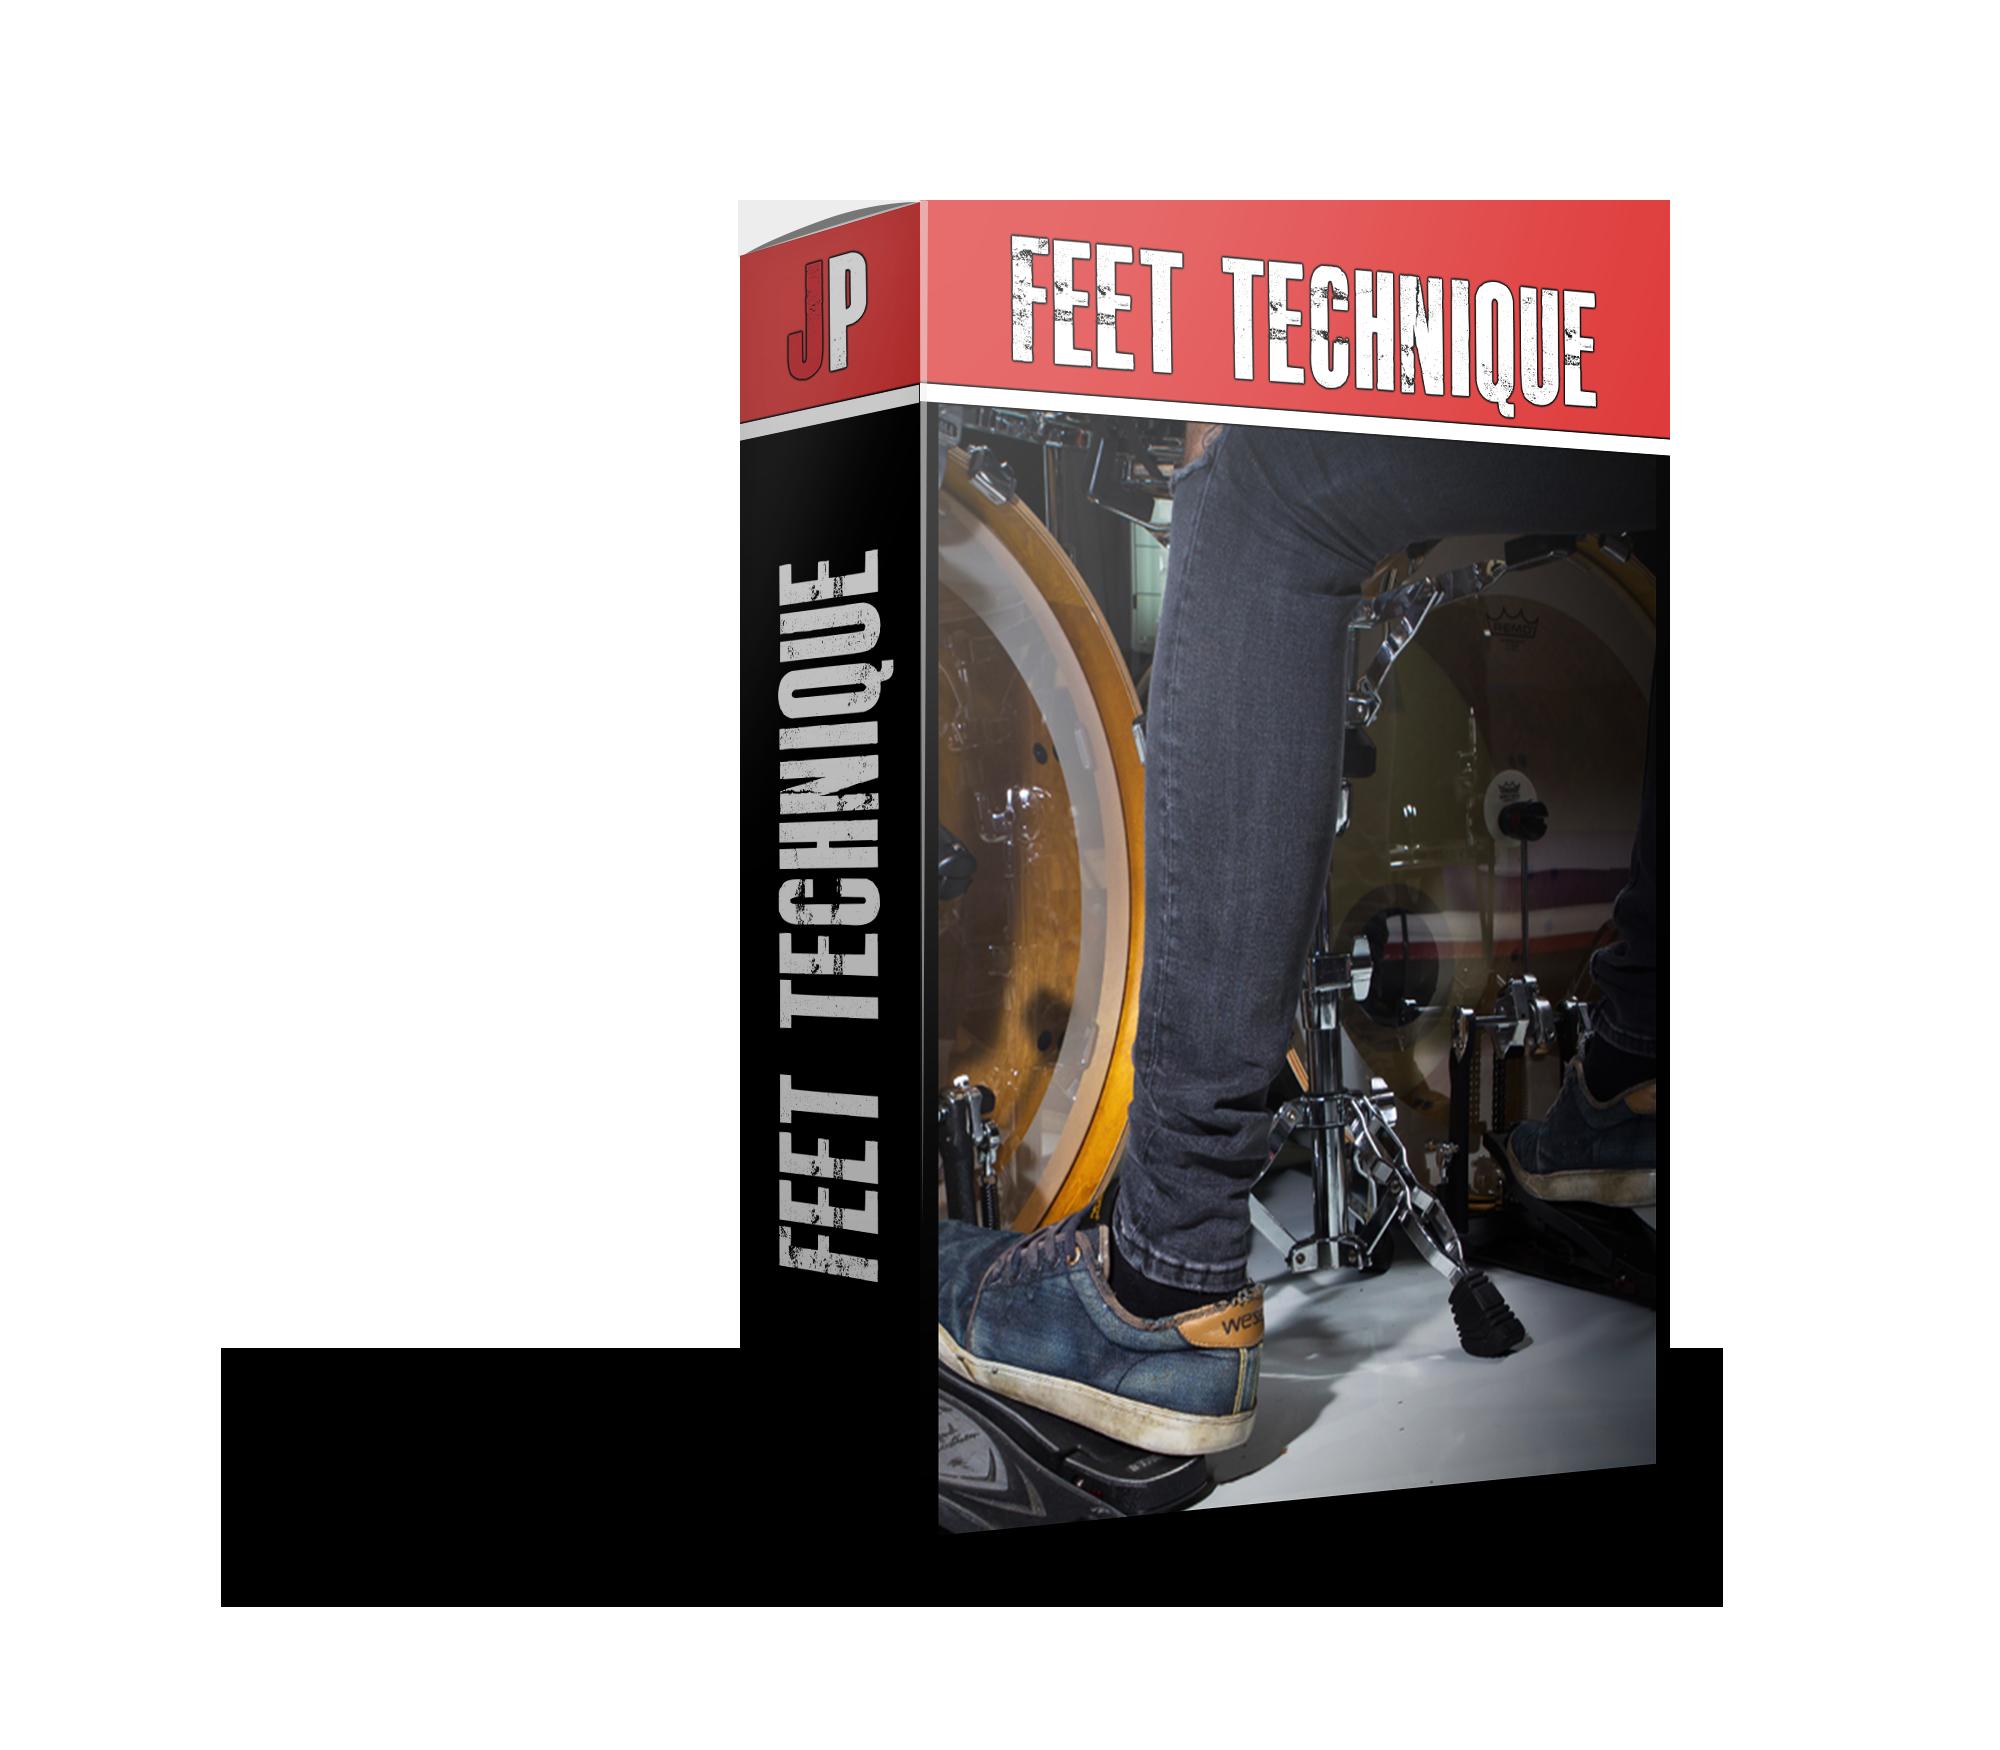 Feet Technique course image